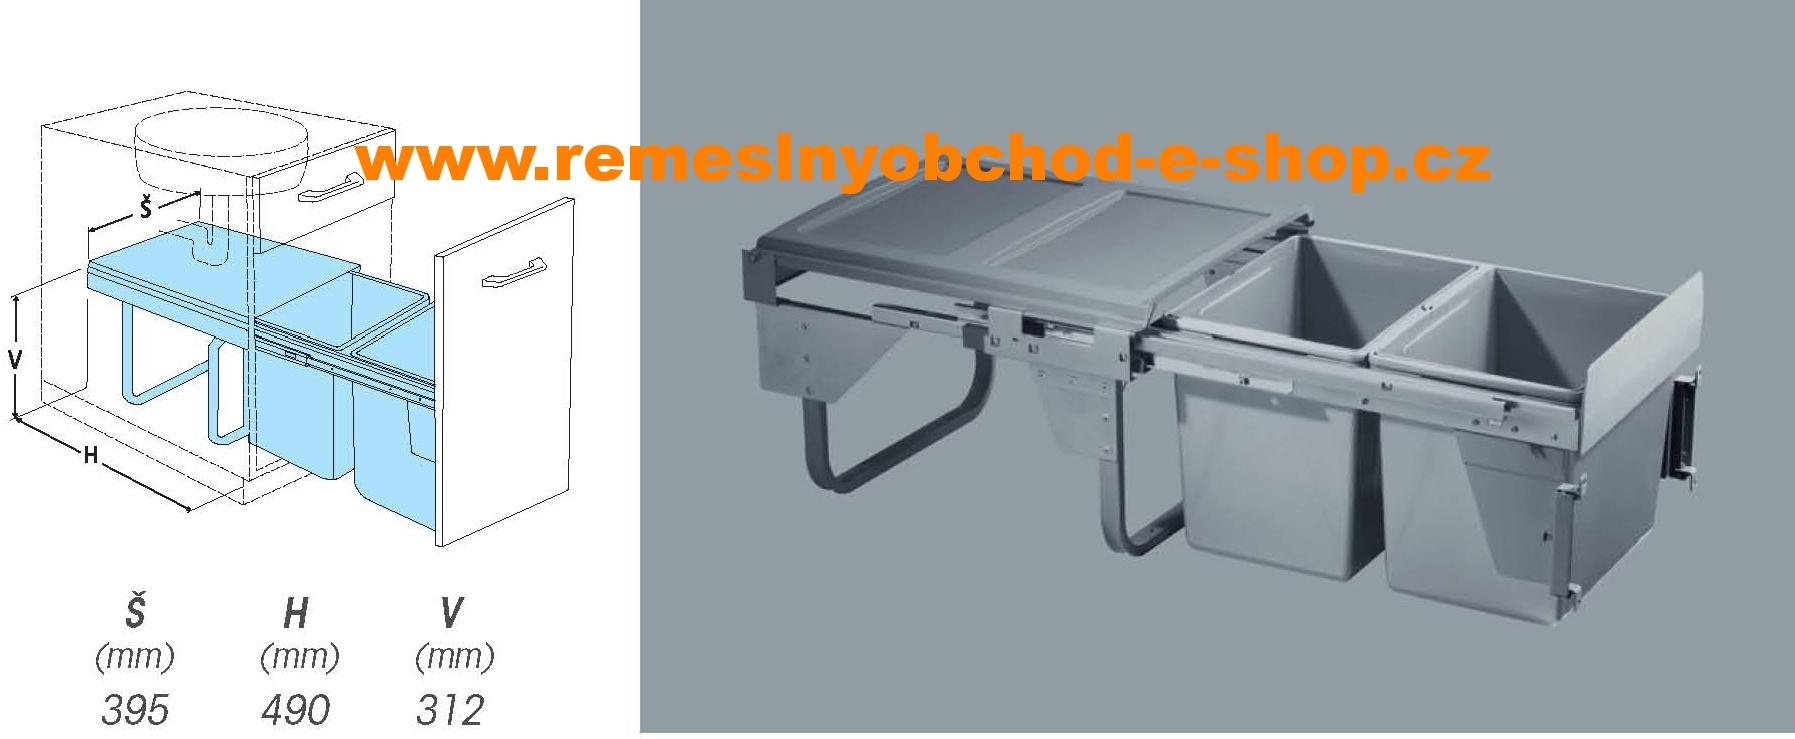 Výsuvný odp. 2koš Komfort s úchyty dvířek, 2×15 l, K45, šedý plast Tento druh odpadkového koše je určen pro umístění pod dřez.